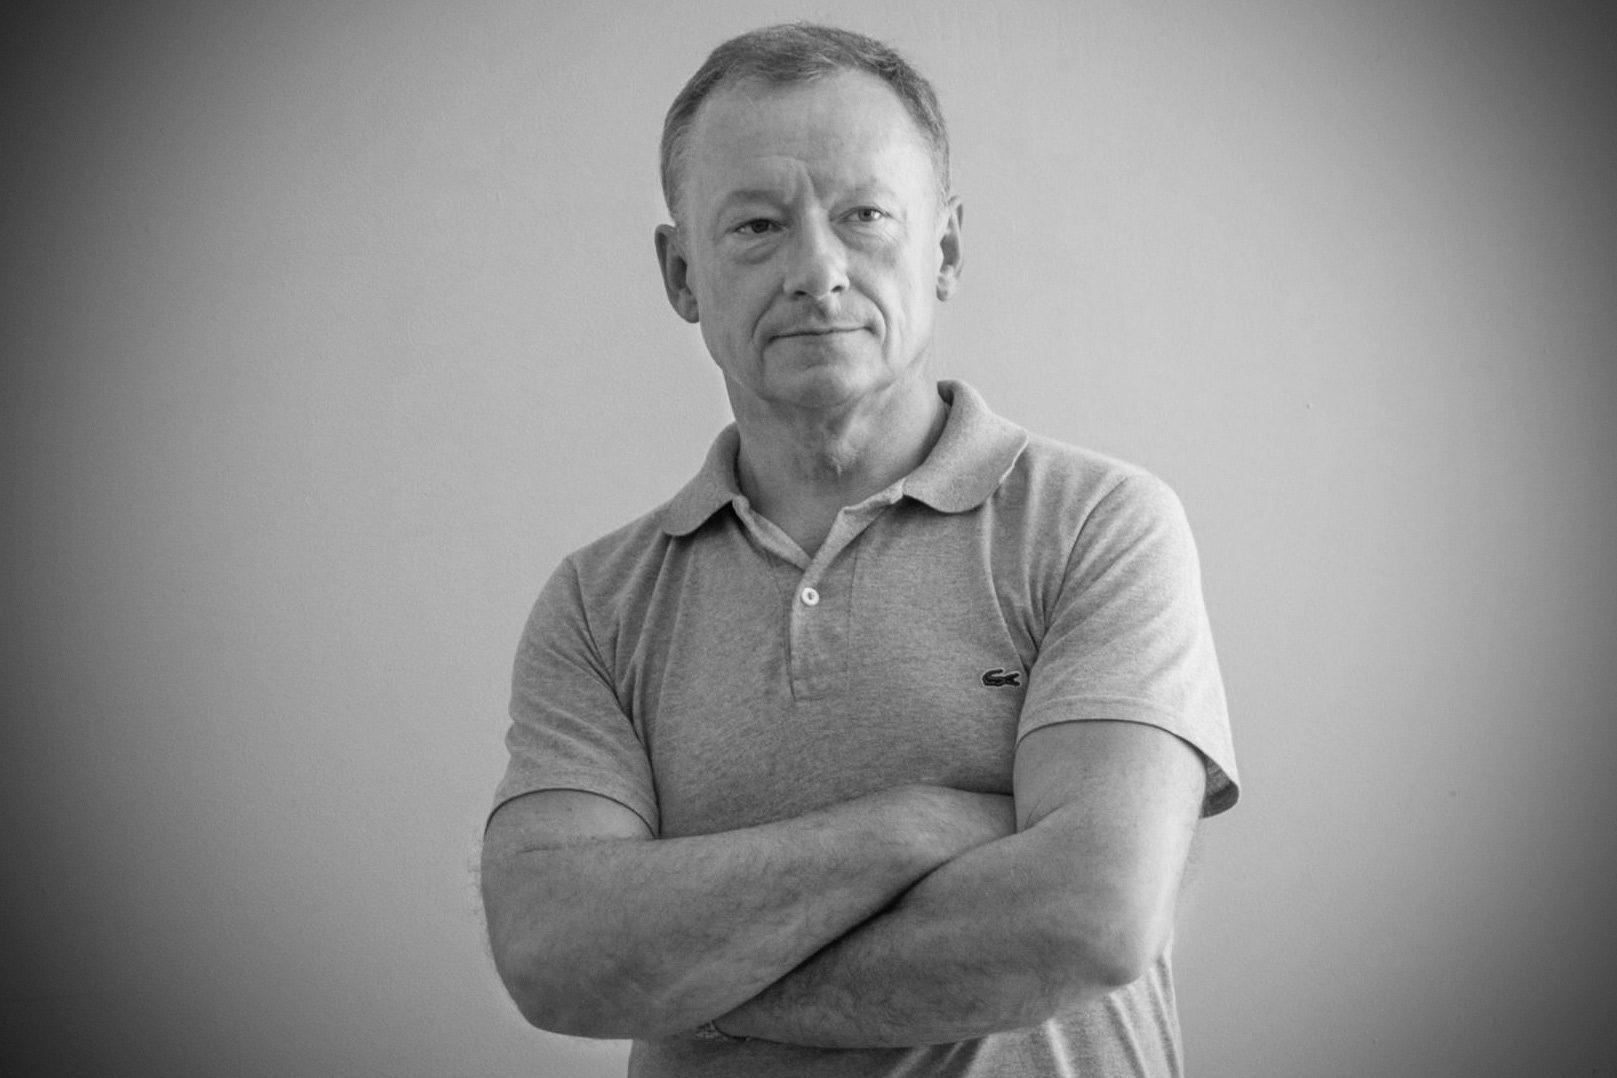 mikhailo savva - <b>Коли суддя не знає, за що садять людину.</b> Як працює експертиза політичних мотивів і чому в нас її майже не проводять - Заборона